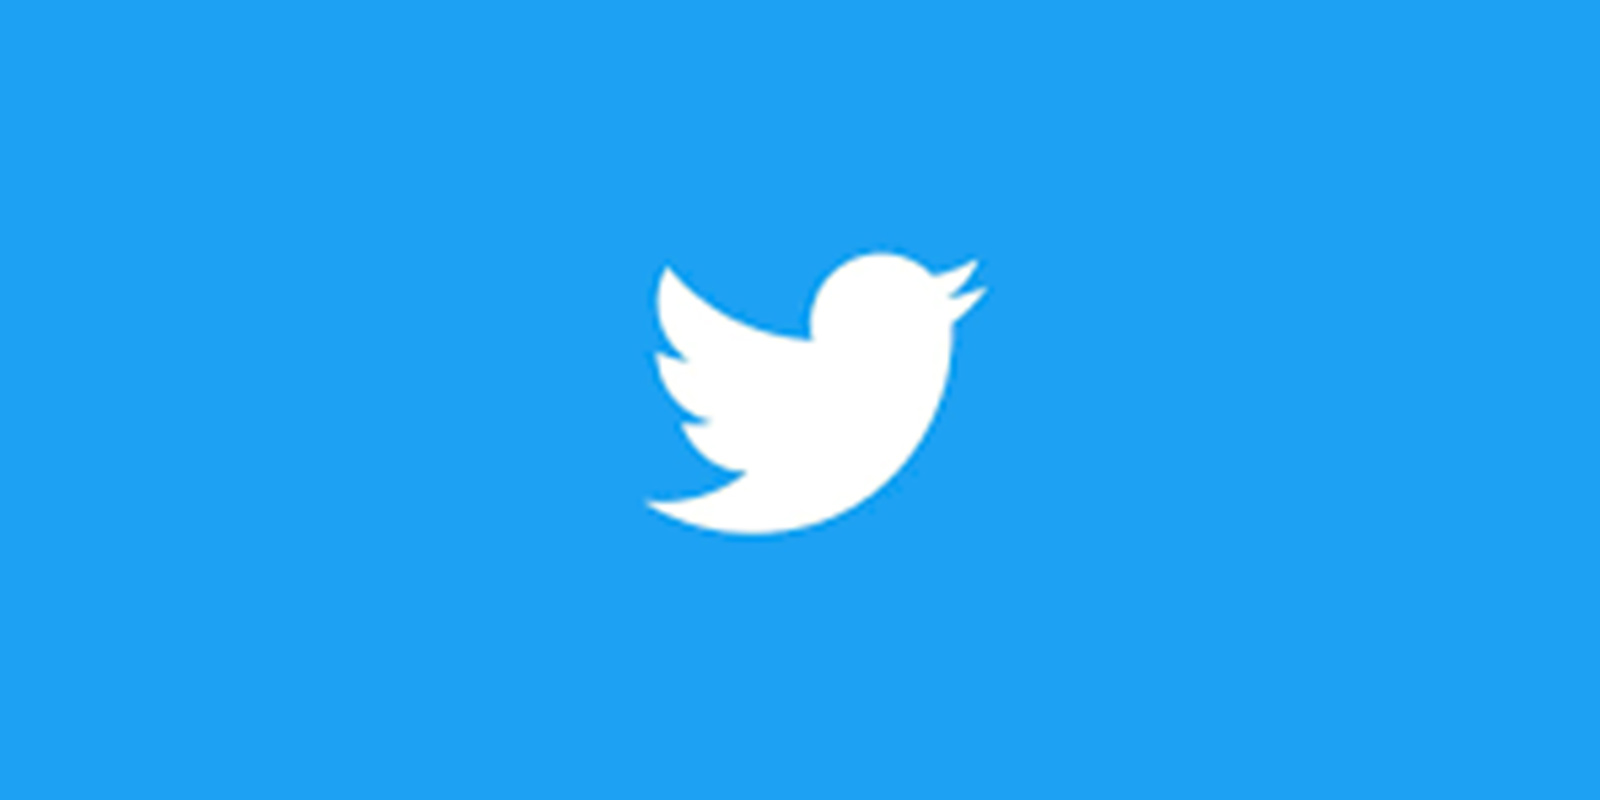 Twitter emoji ile tepki verme özelliğini kaldırdı mı? | Twitter emoji ile tepki verme özelliğini neden kaldırdı?